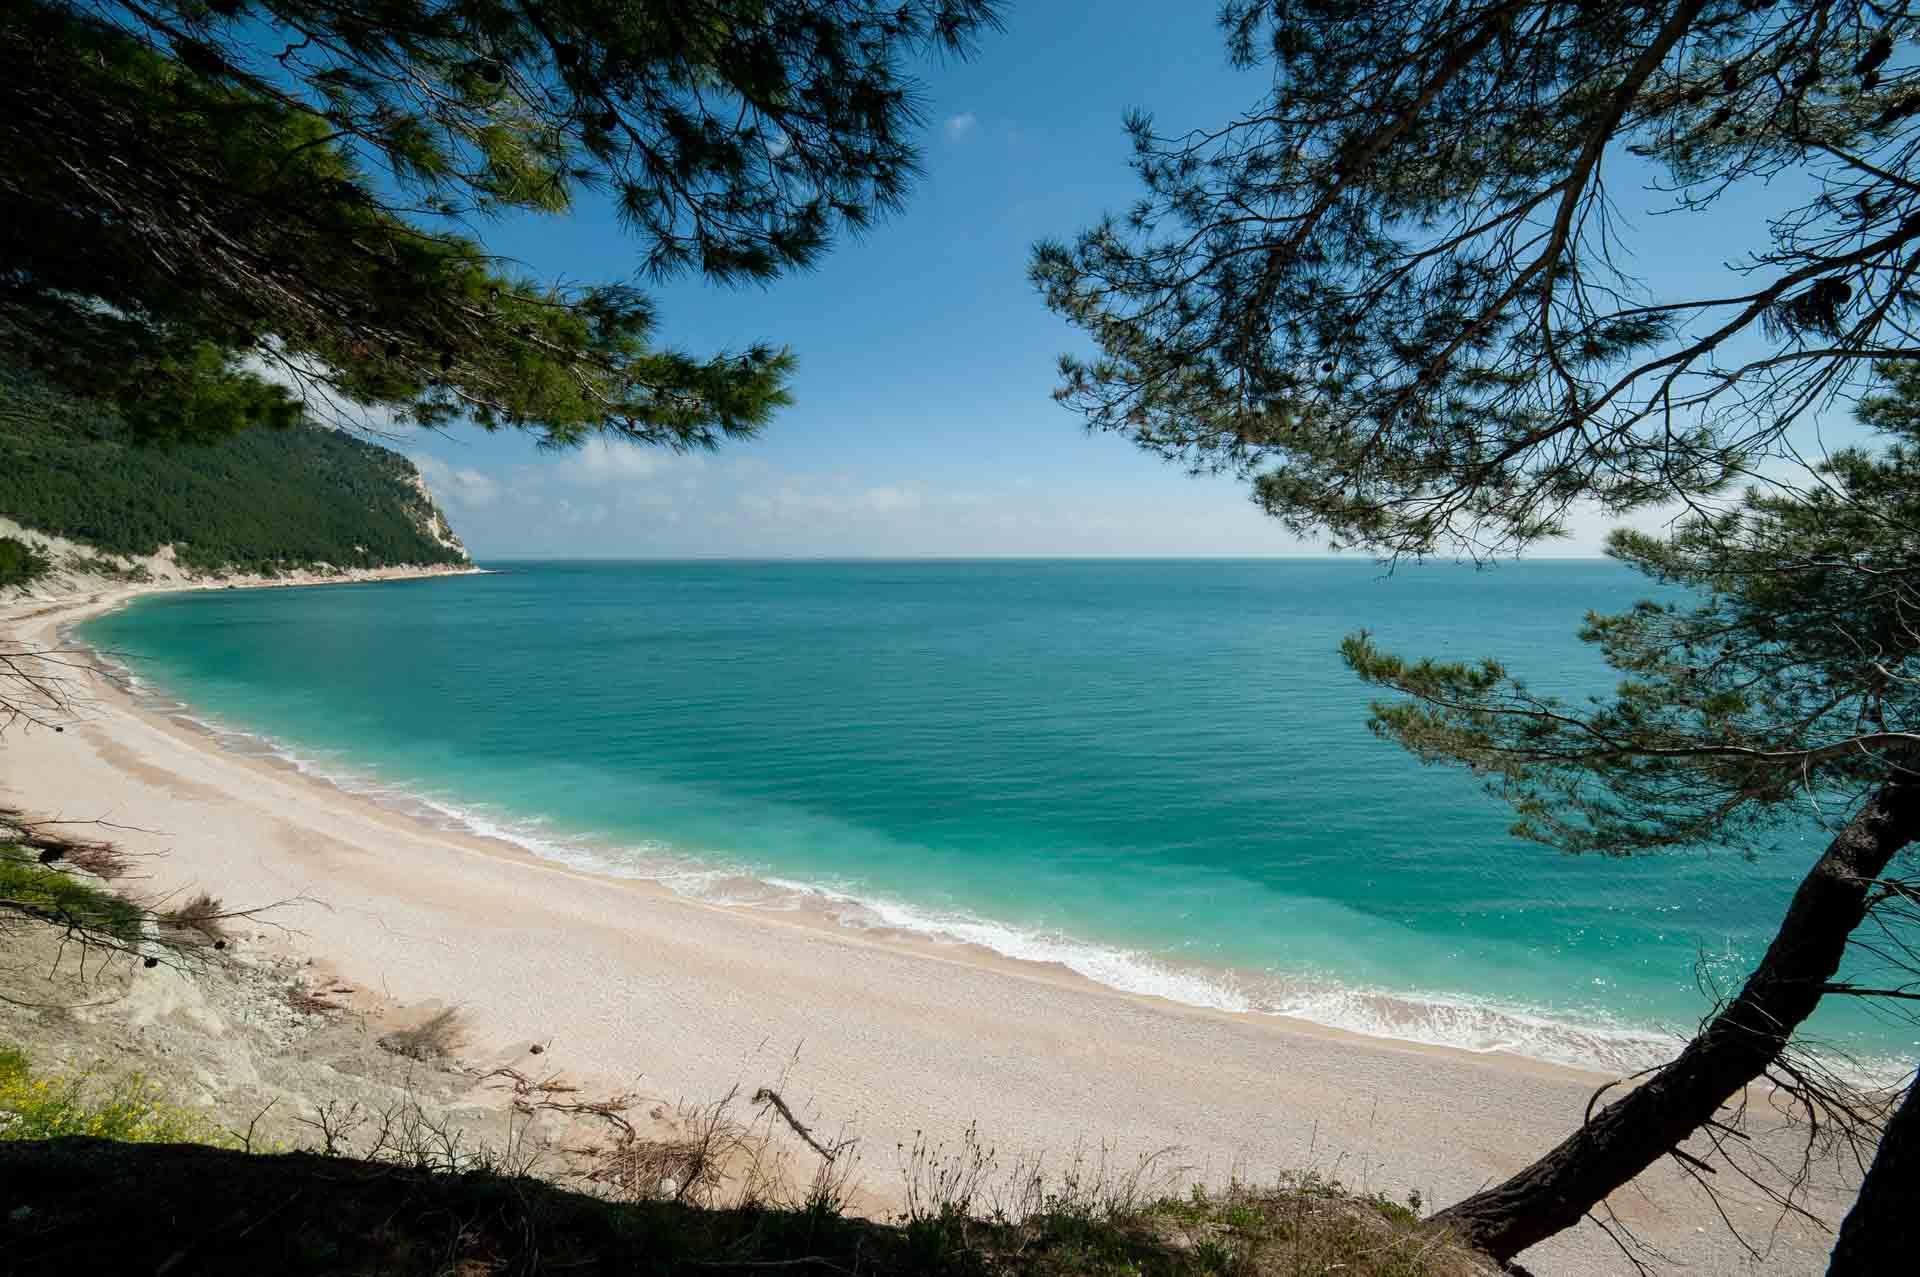 Spiaggia San Michele 2 © Sauro Strappato